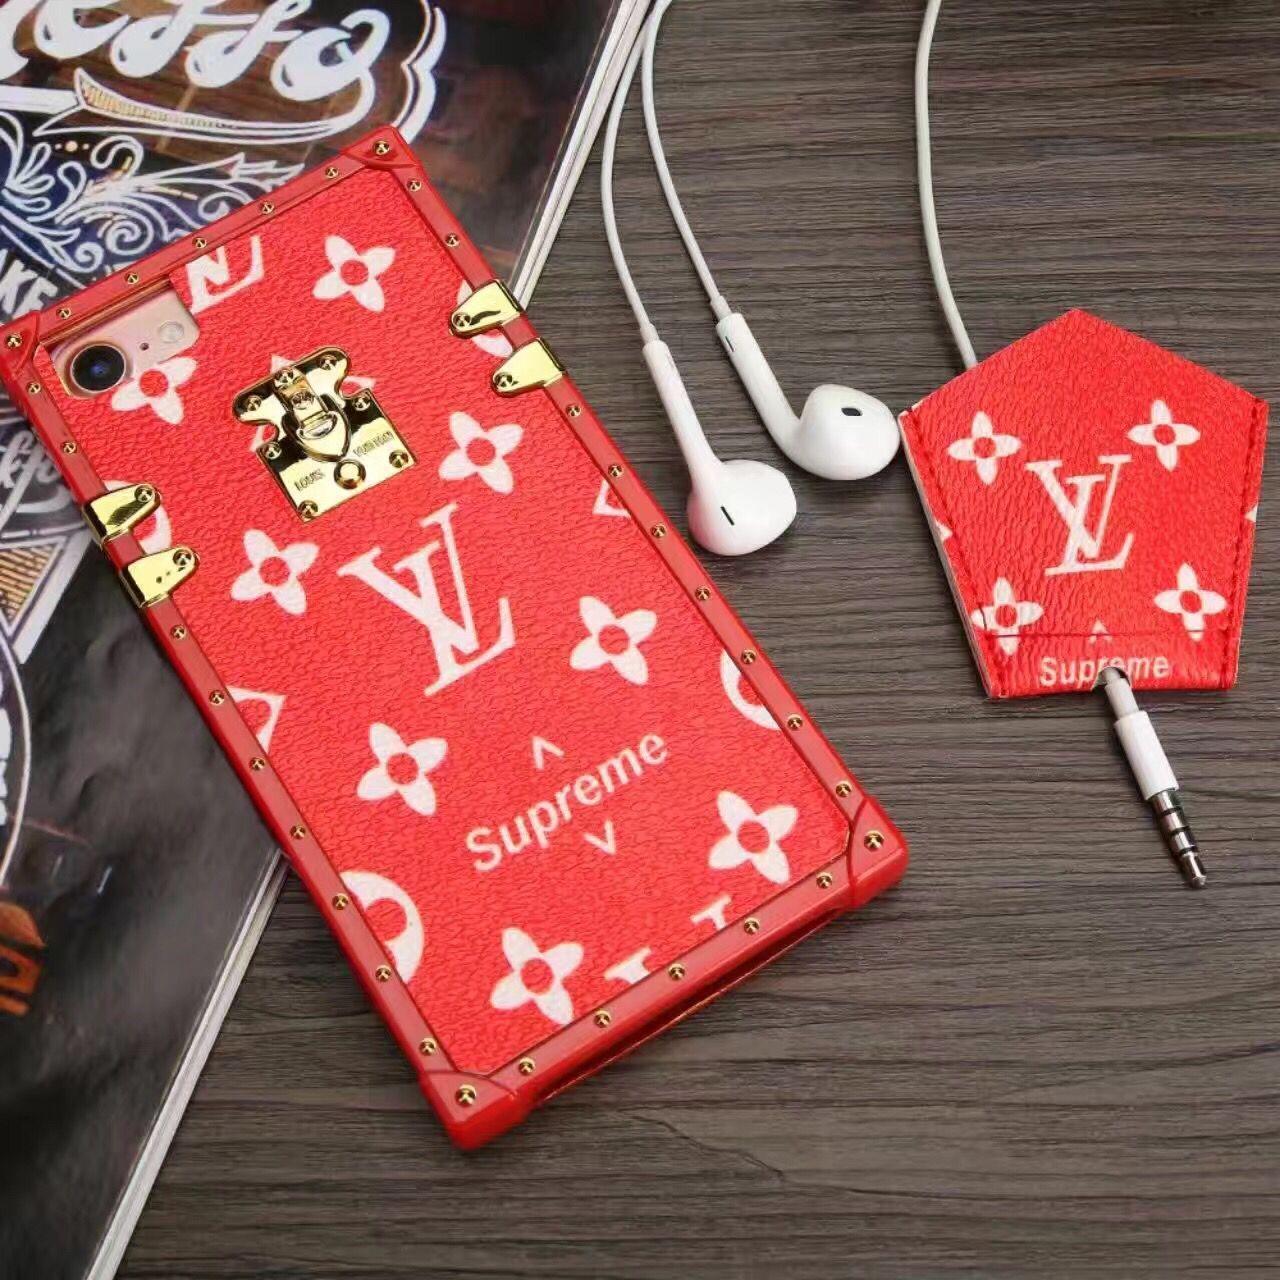 シュプリーム ヴィトン iPhone xs/xsmax/xr ケース